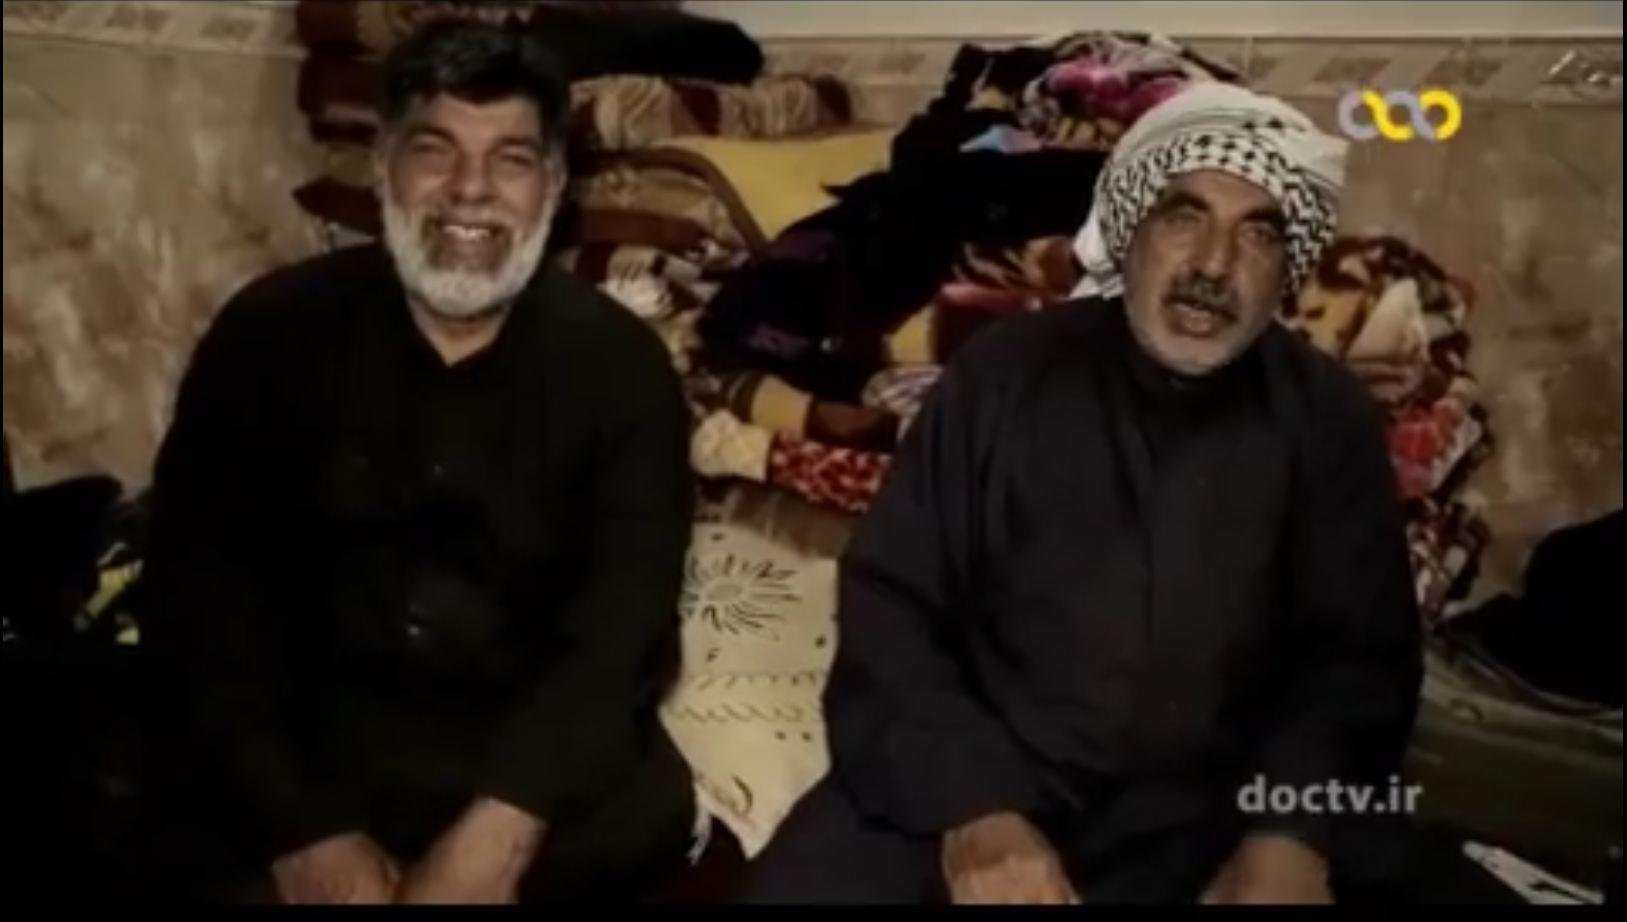 روایتی از خدمت رسانی مردم عراق به زائران